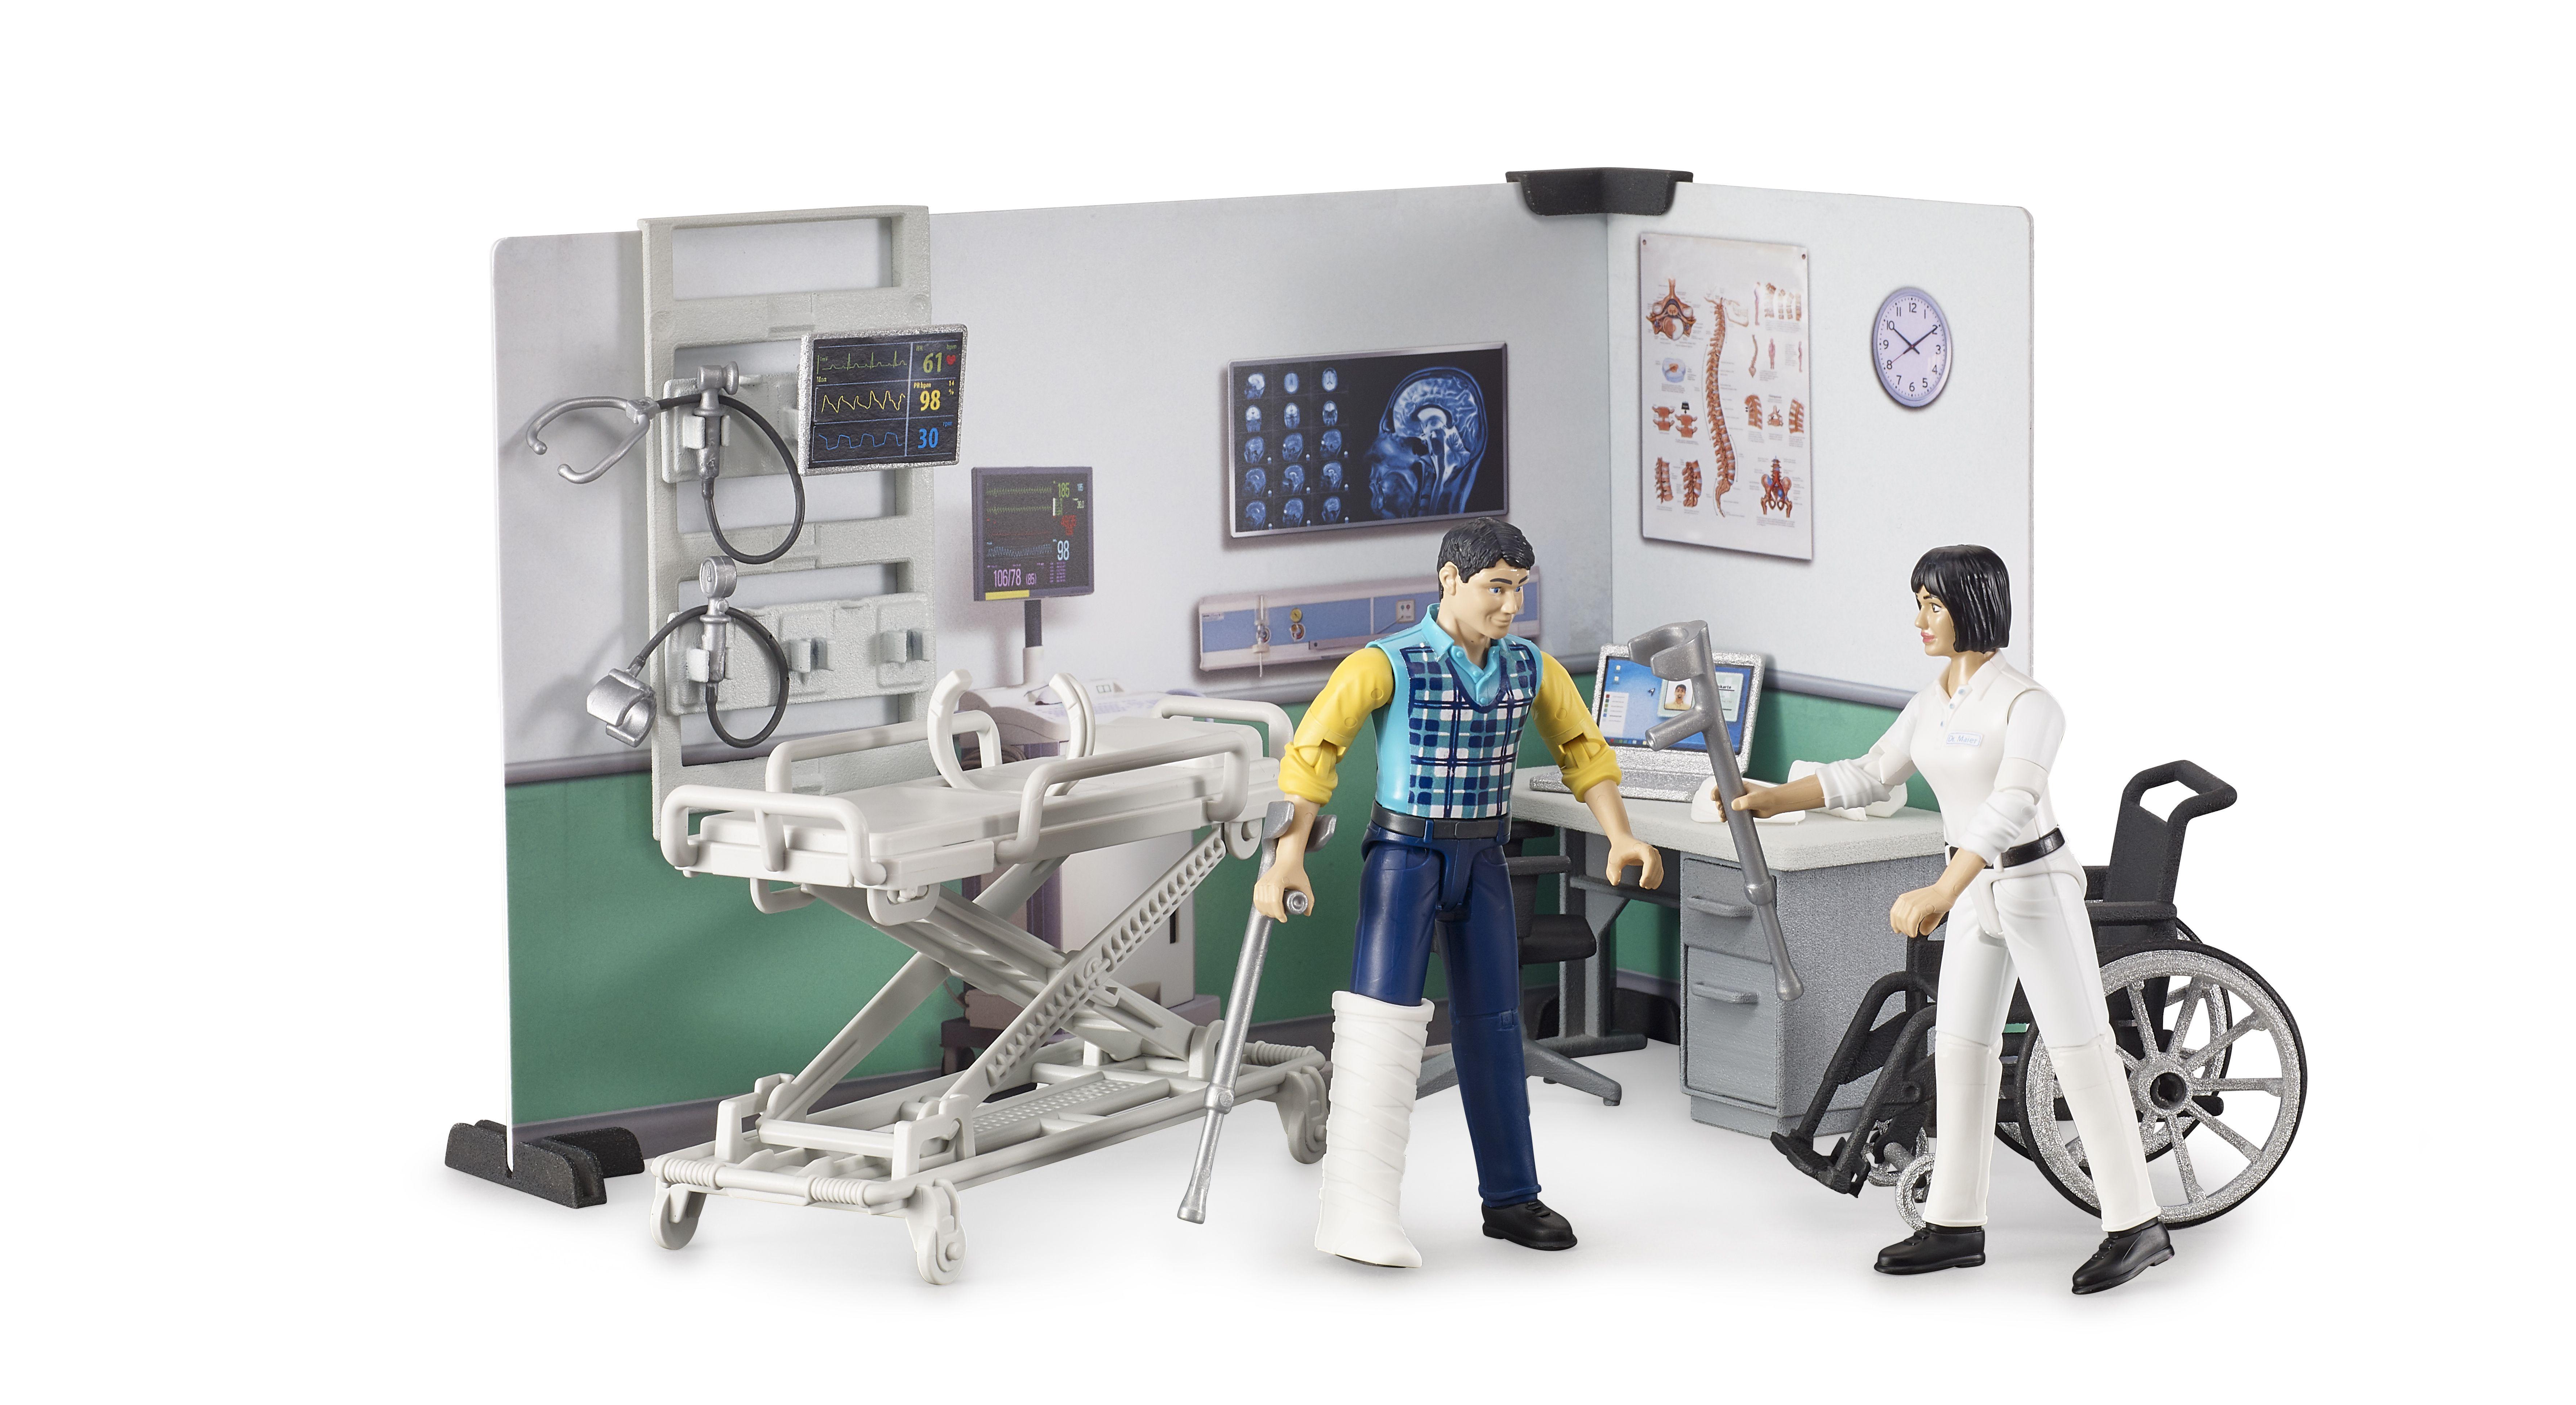 Bruder 62711 - Ziekenhuis speelset